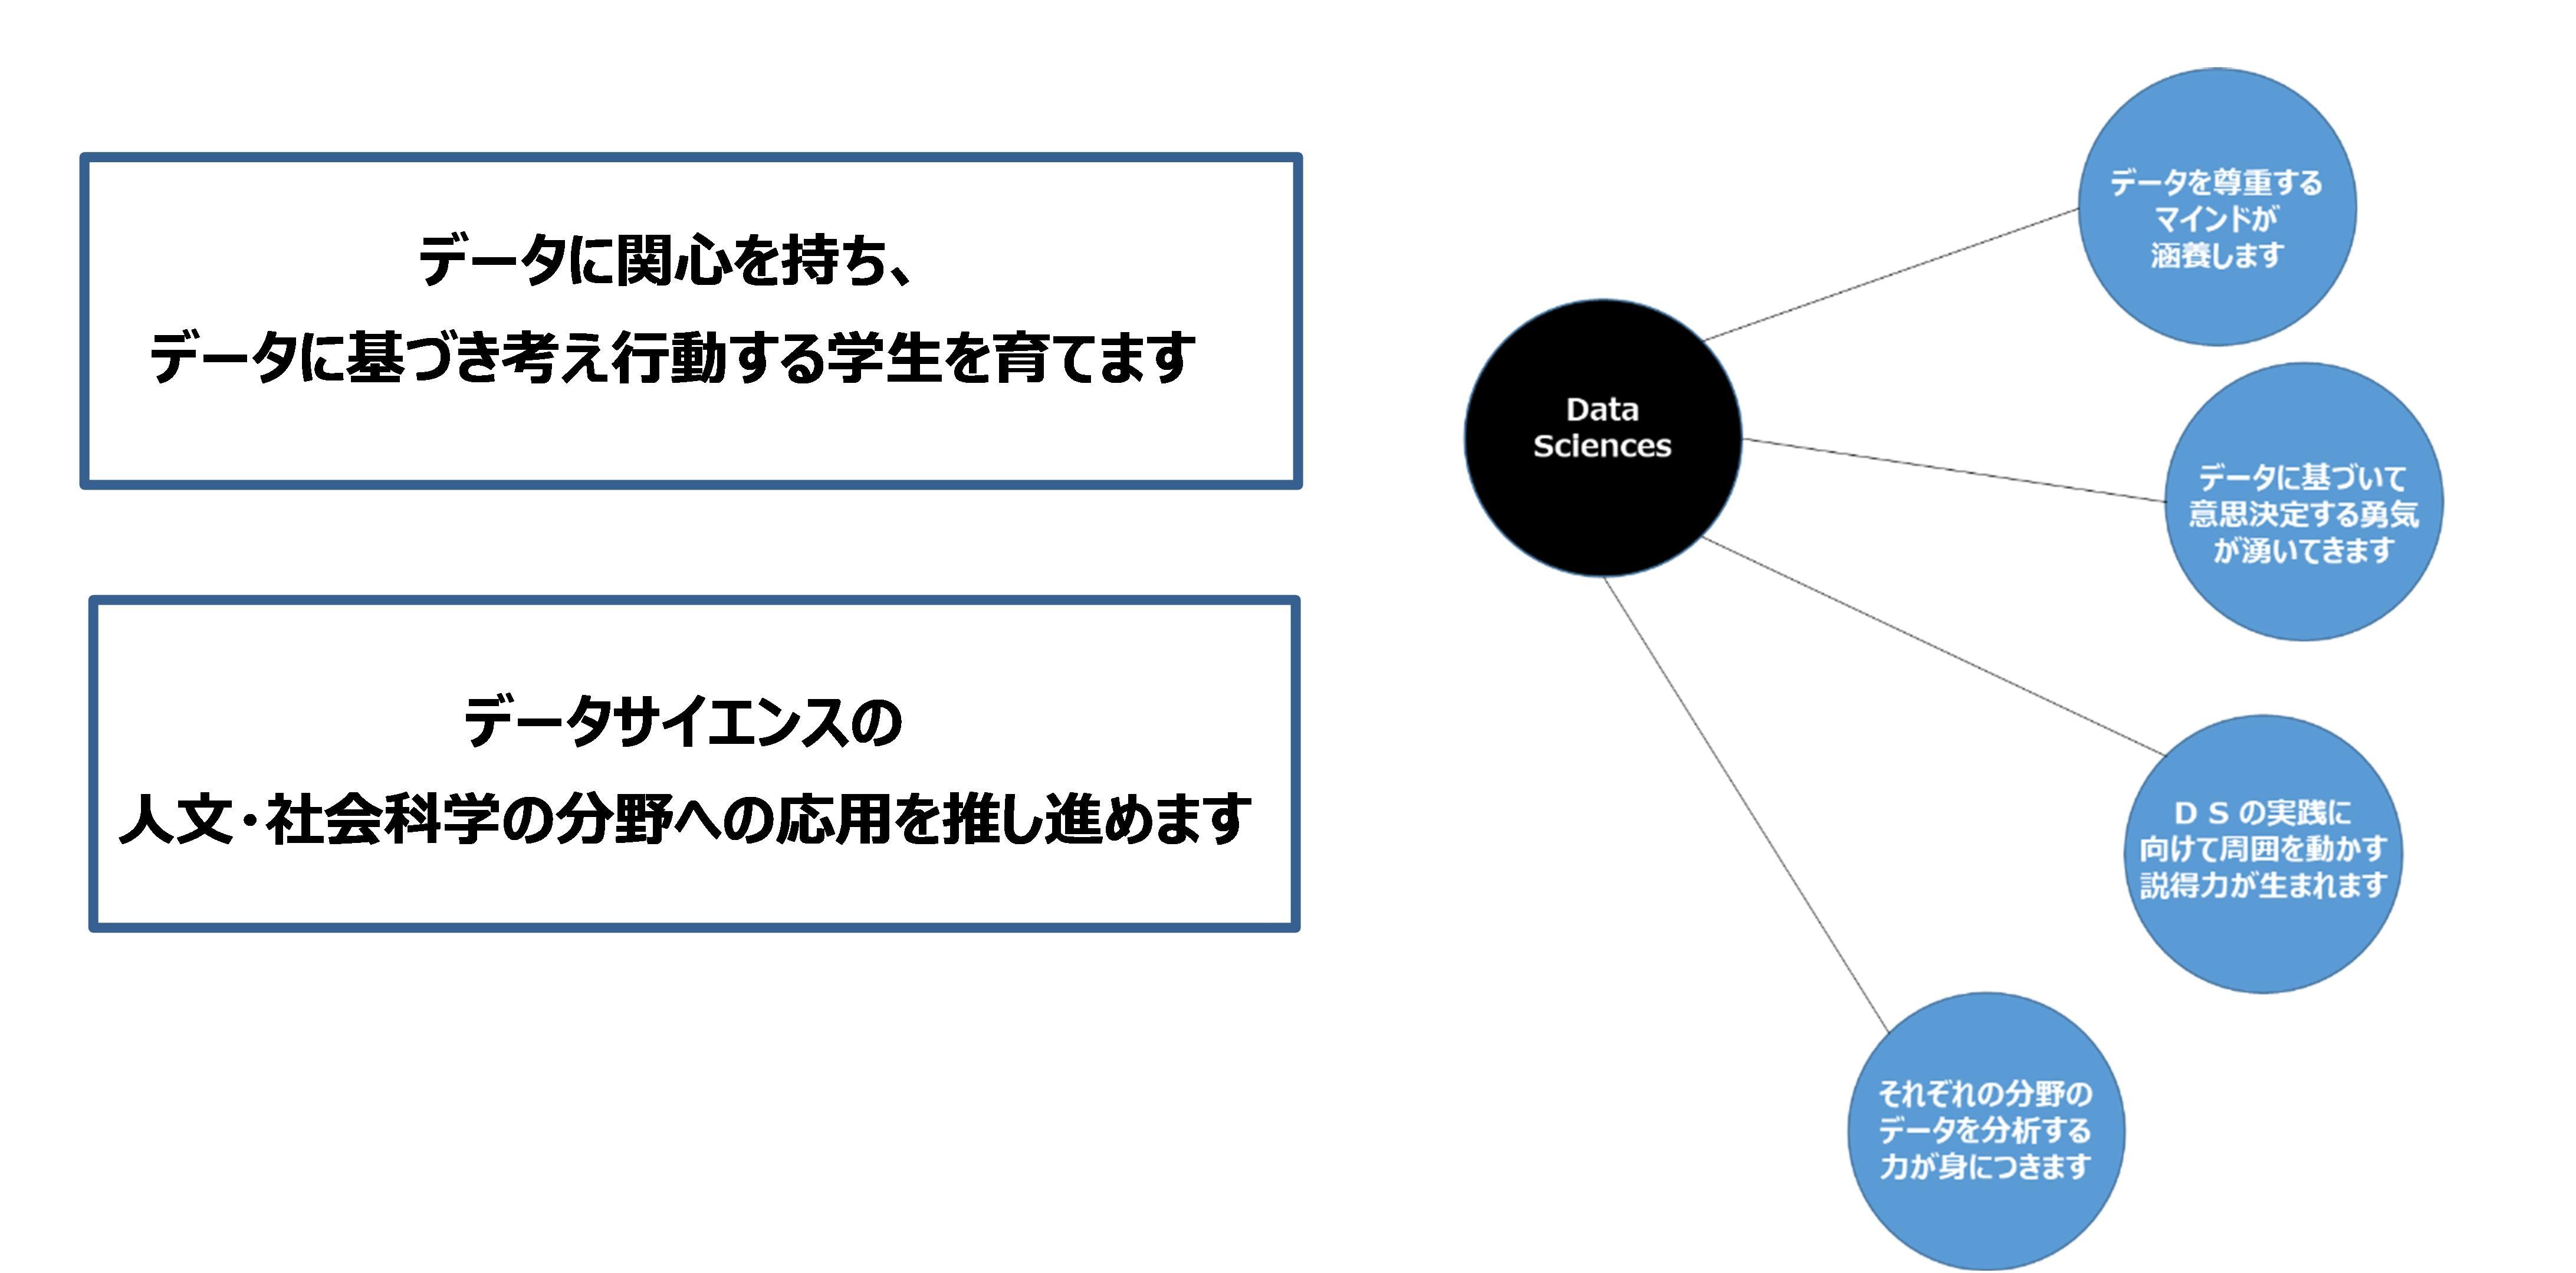 成城大学 文系大学から理数系教育を積極的に行う大学へ